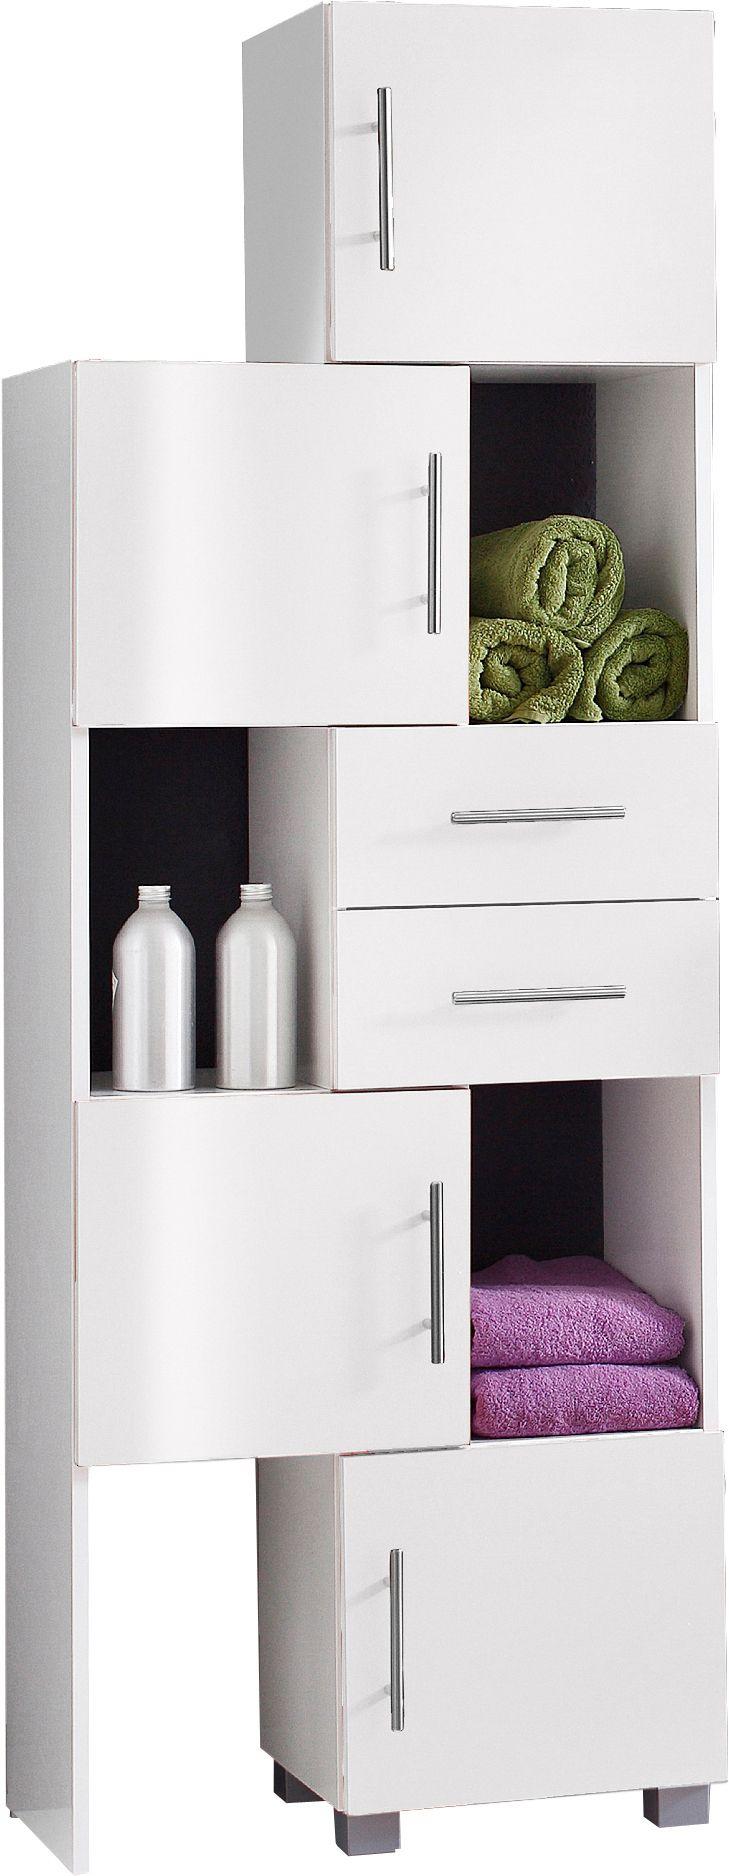 badregale ablagen im schwab online shop m bel badm bel. Black Bedroom Furniture Sets. Home Design Ideas